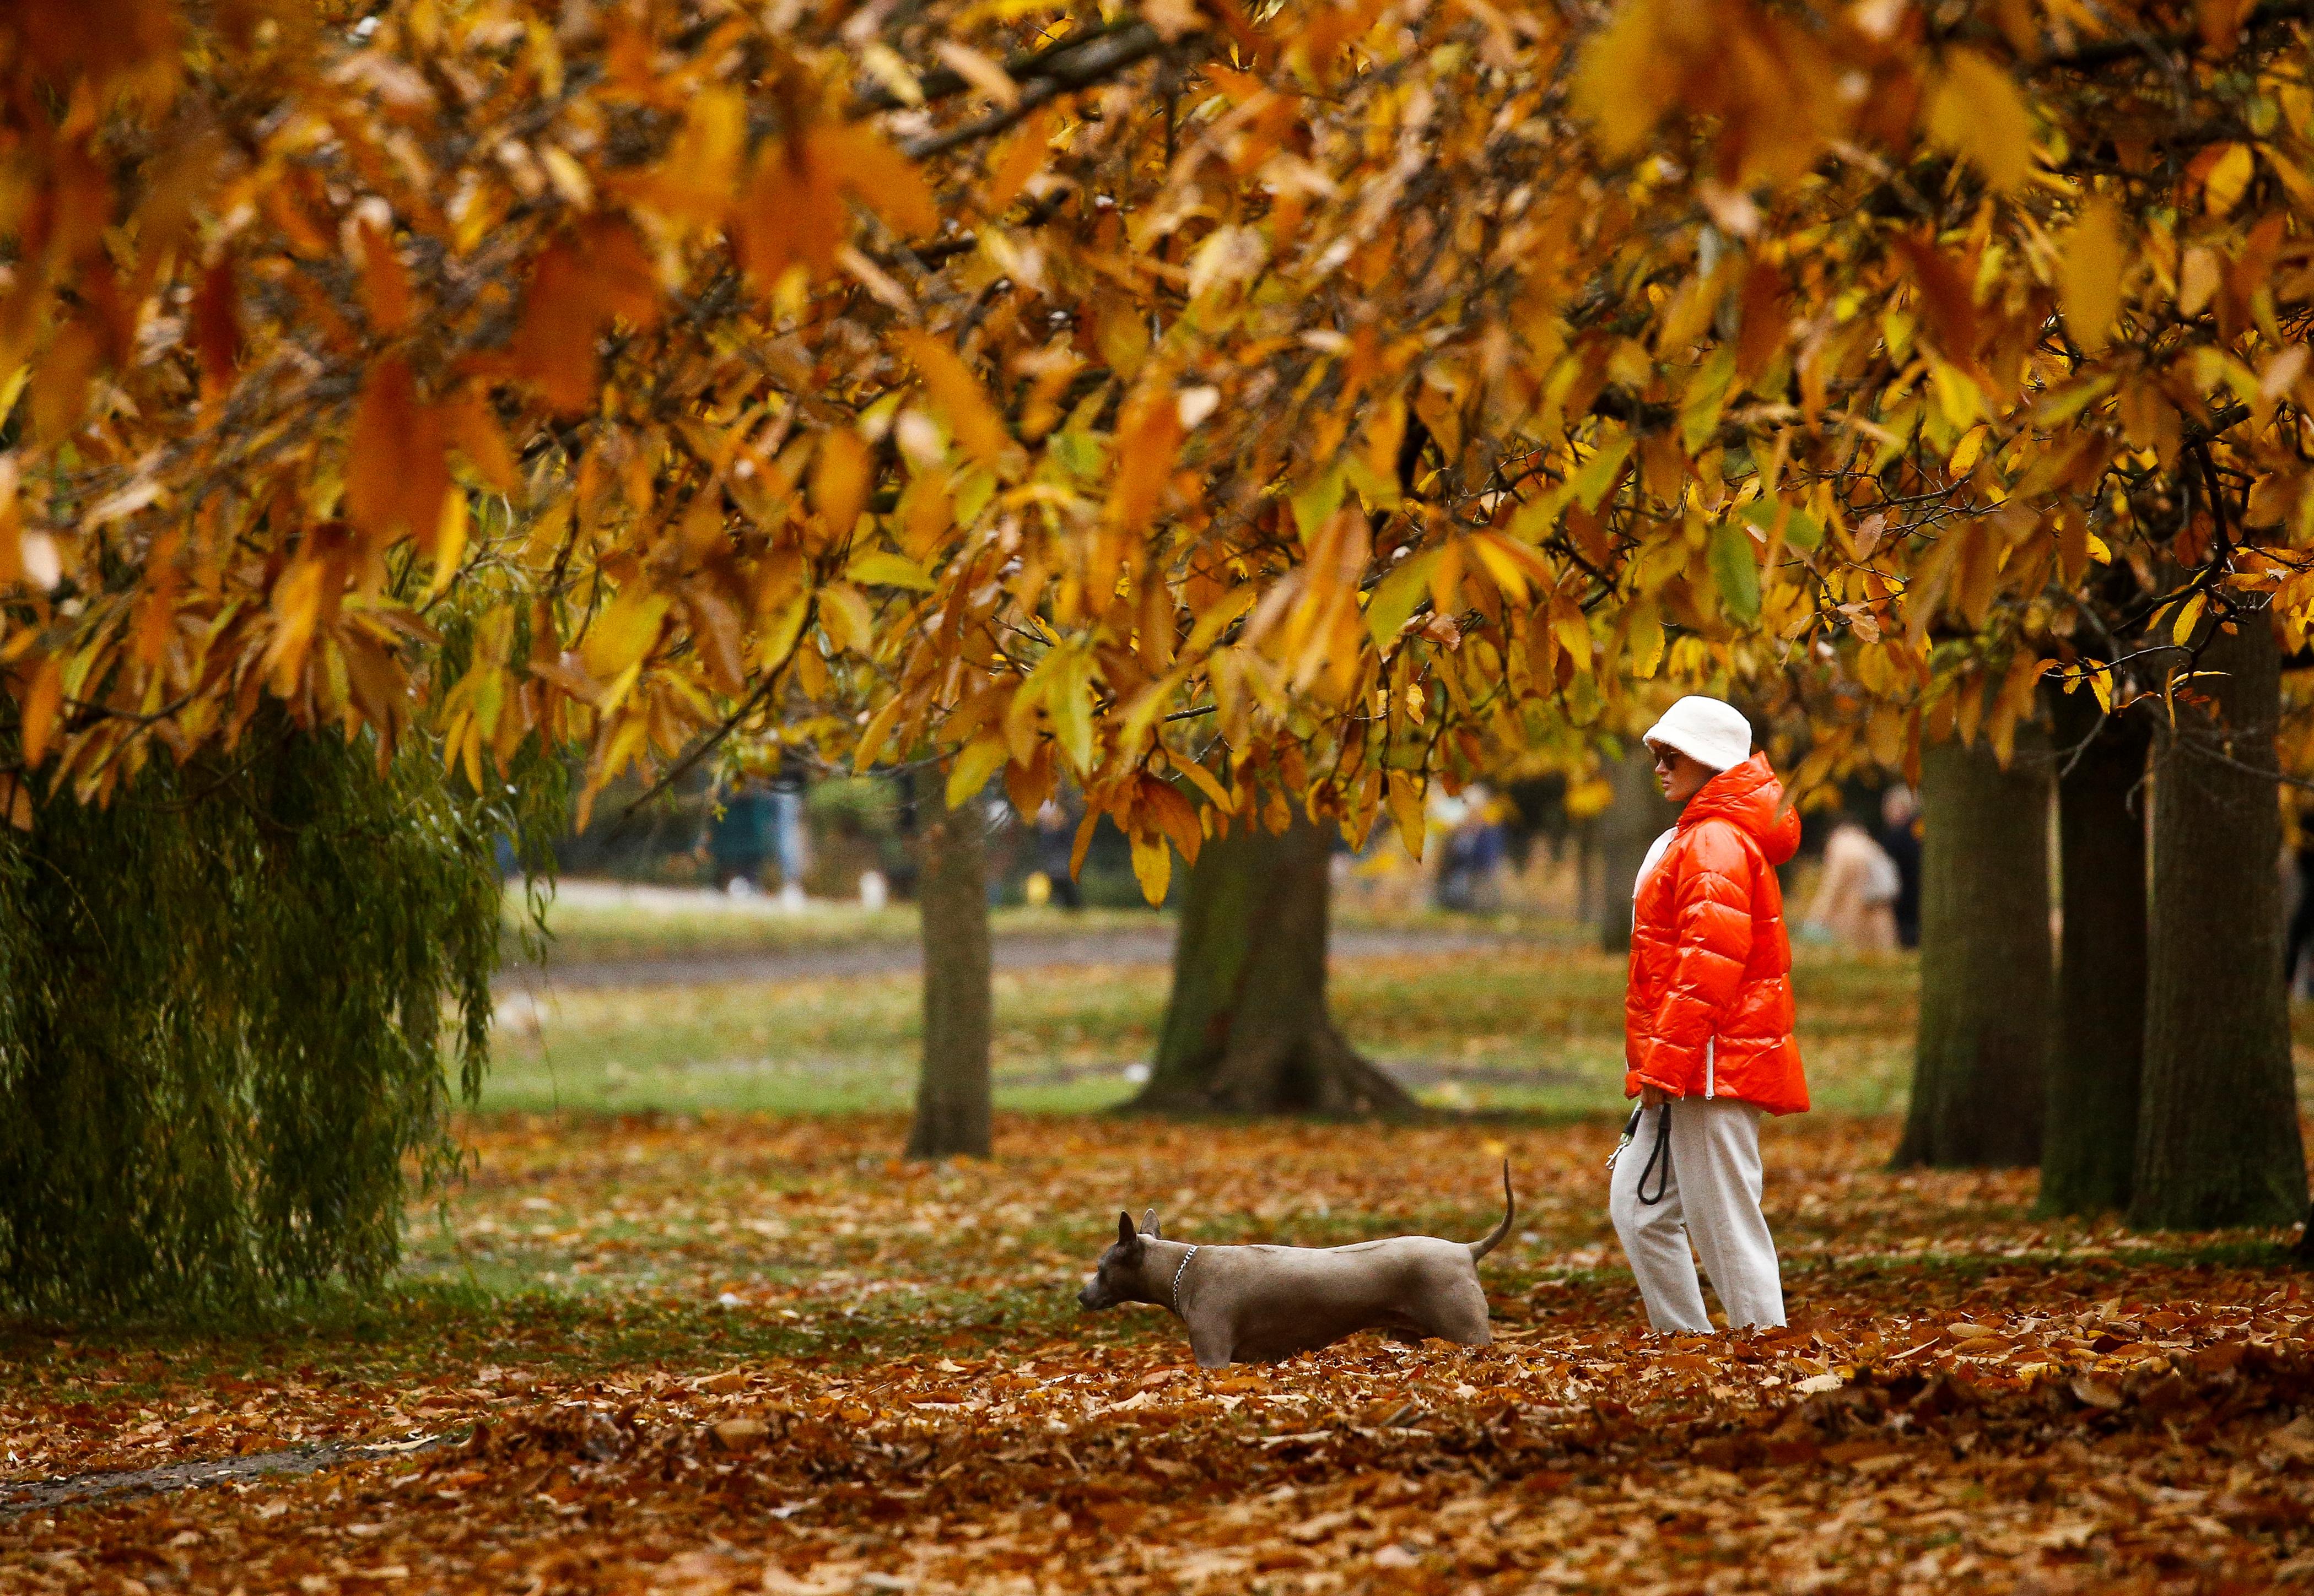 Погода осенью 2020 - синоптики прогнозируют много дождей и прохладу |  СЕГОДНЯ